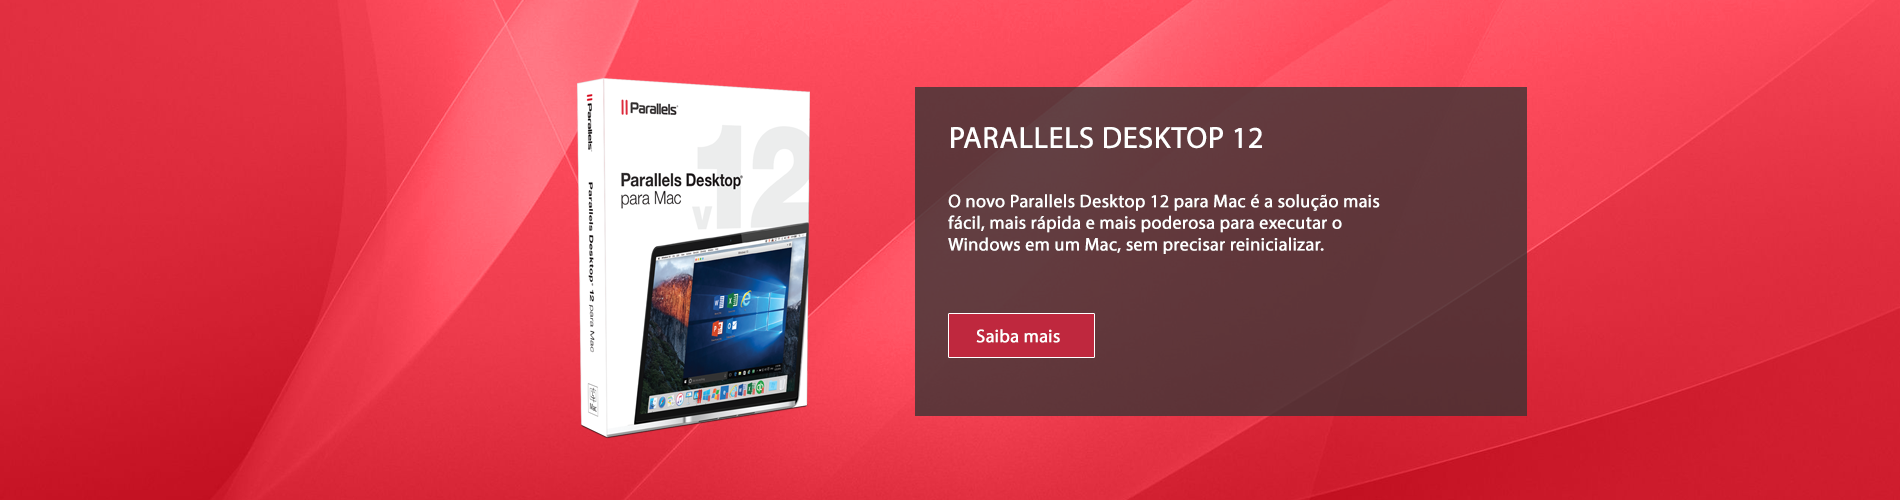 slide_parallels